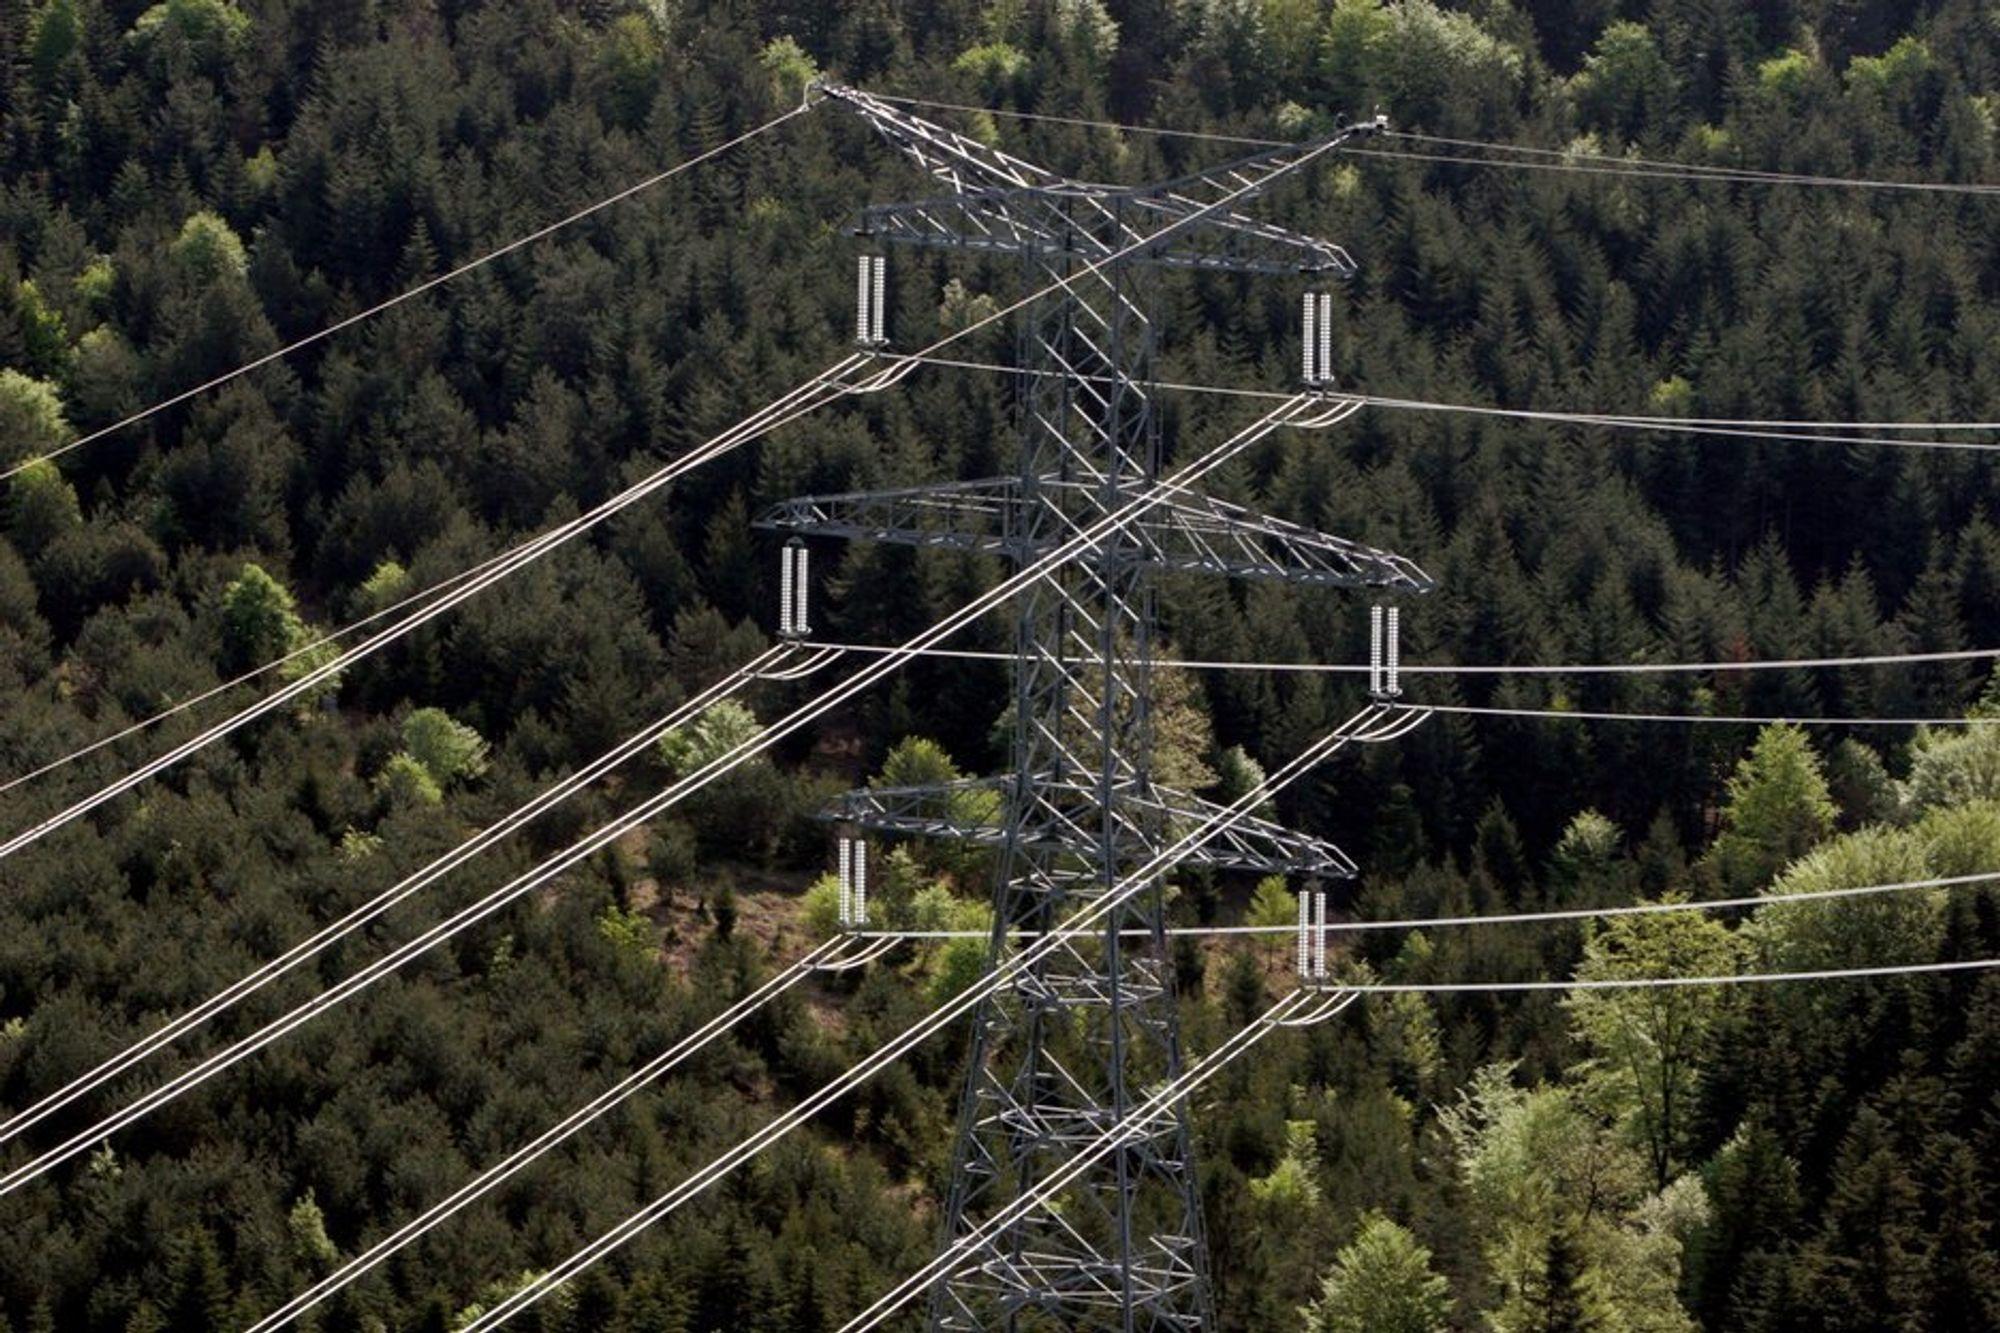 Mer enn 1000 kvadratkilometer urørt natur har gått tapt de siste årene. Energisektoren er den største synderen.